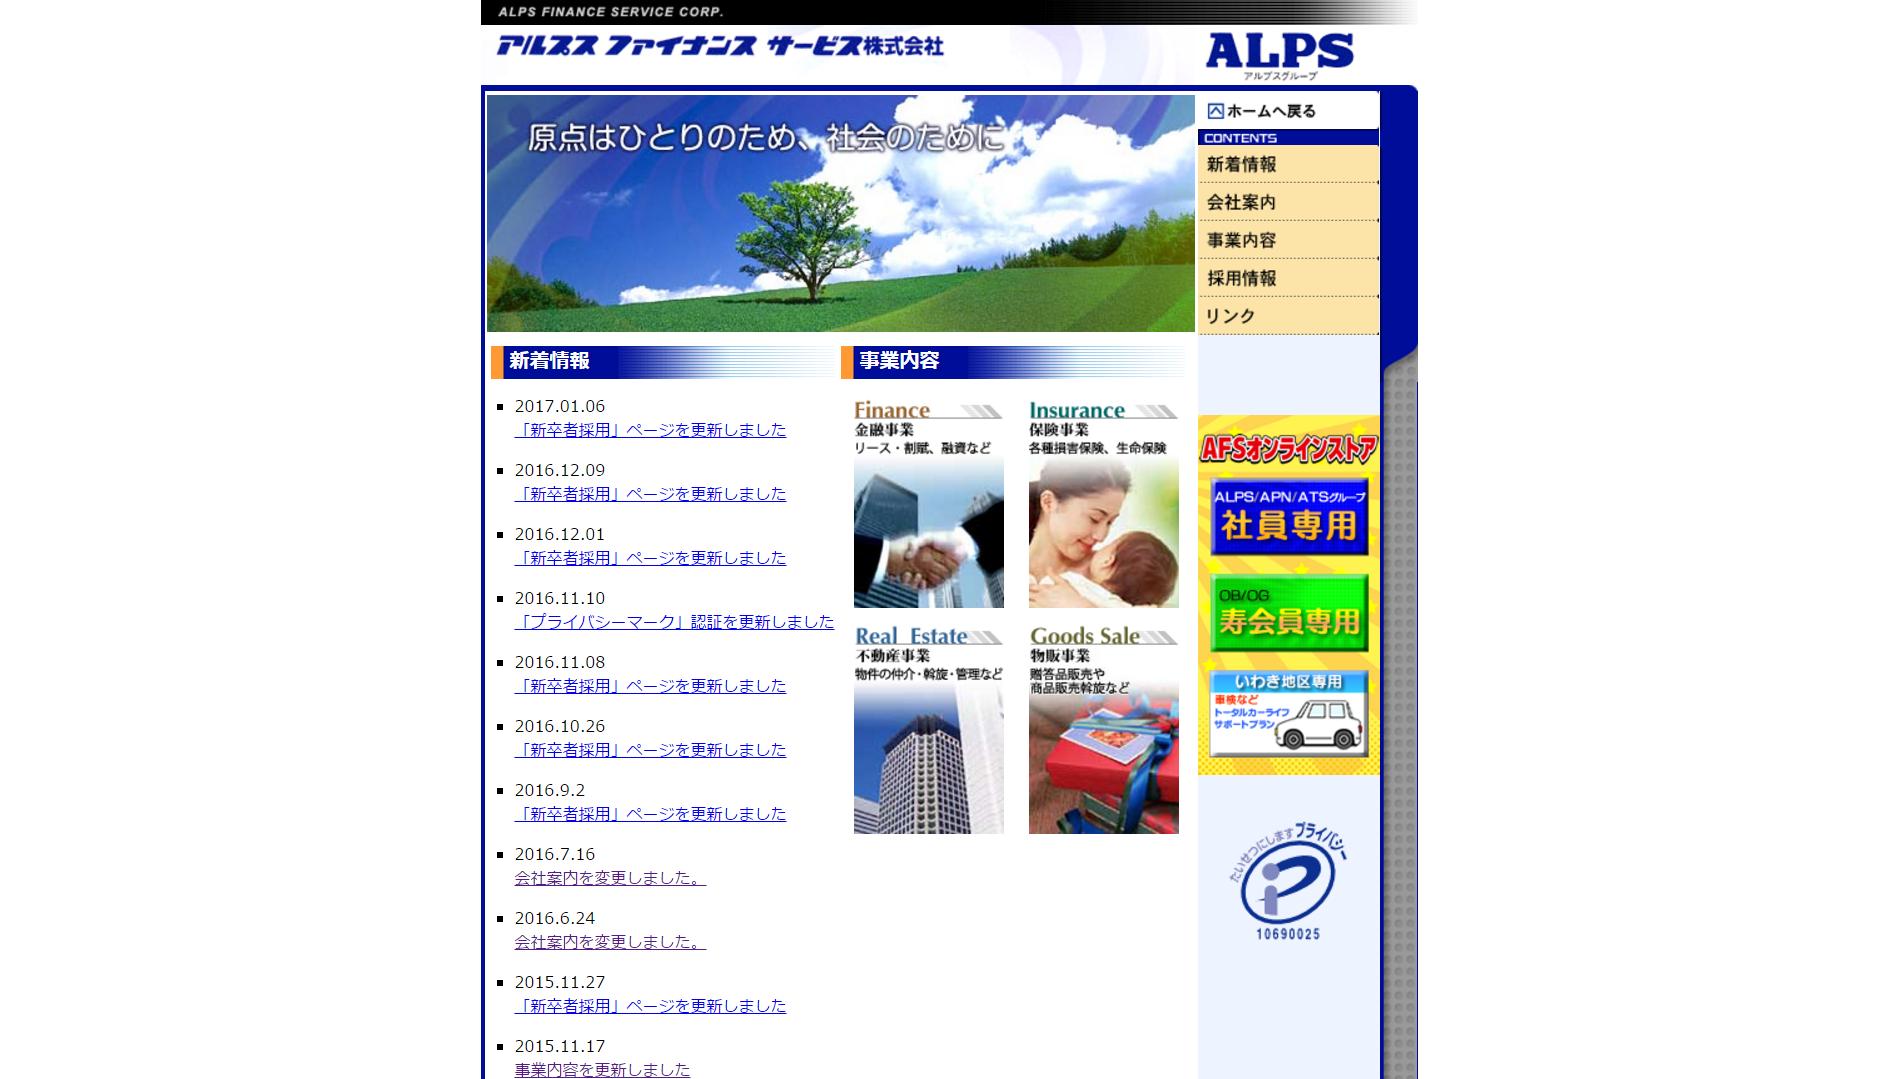 アルプスファイナンスサービス(東京都大田区雪谷大塚町)